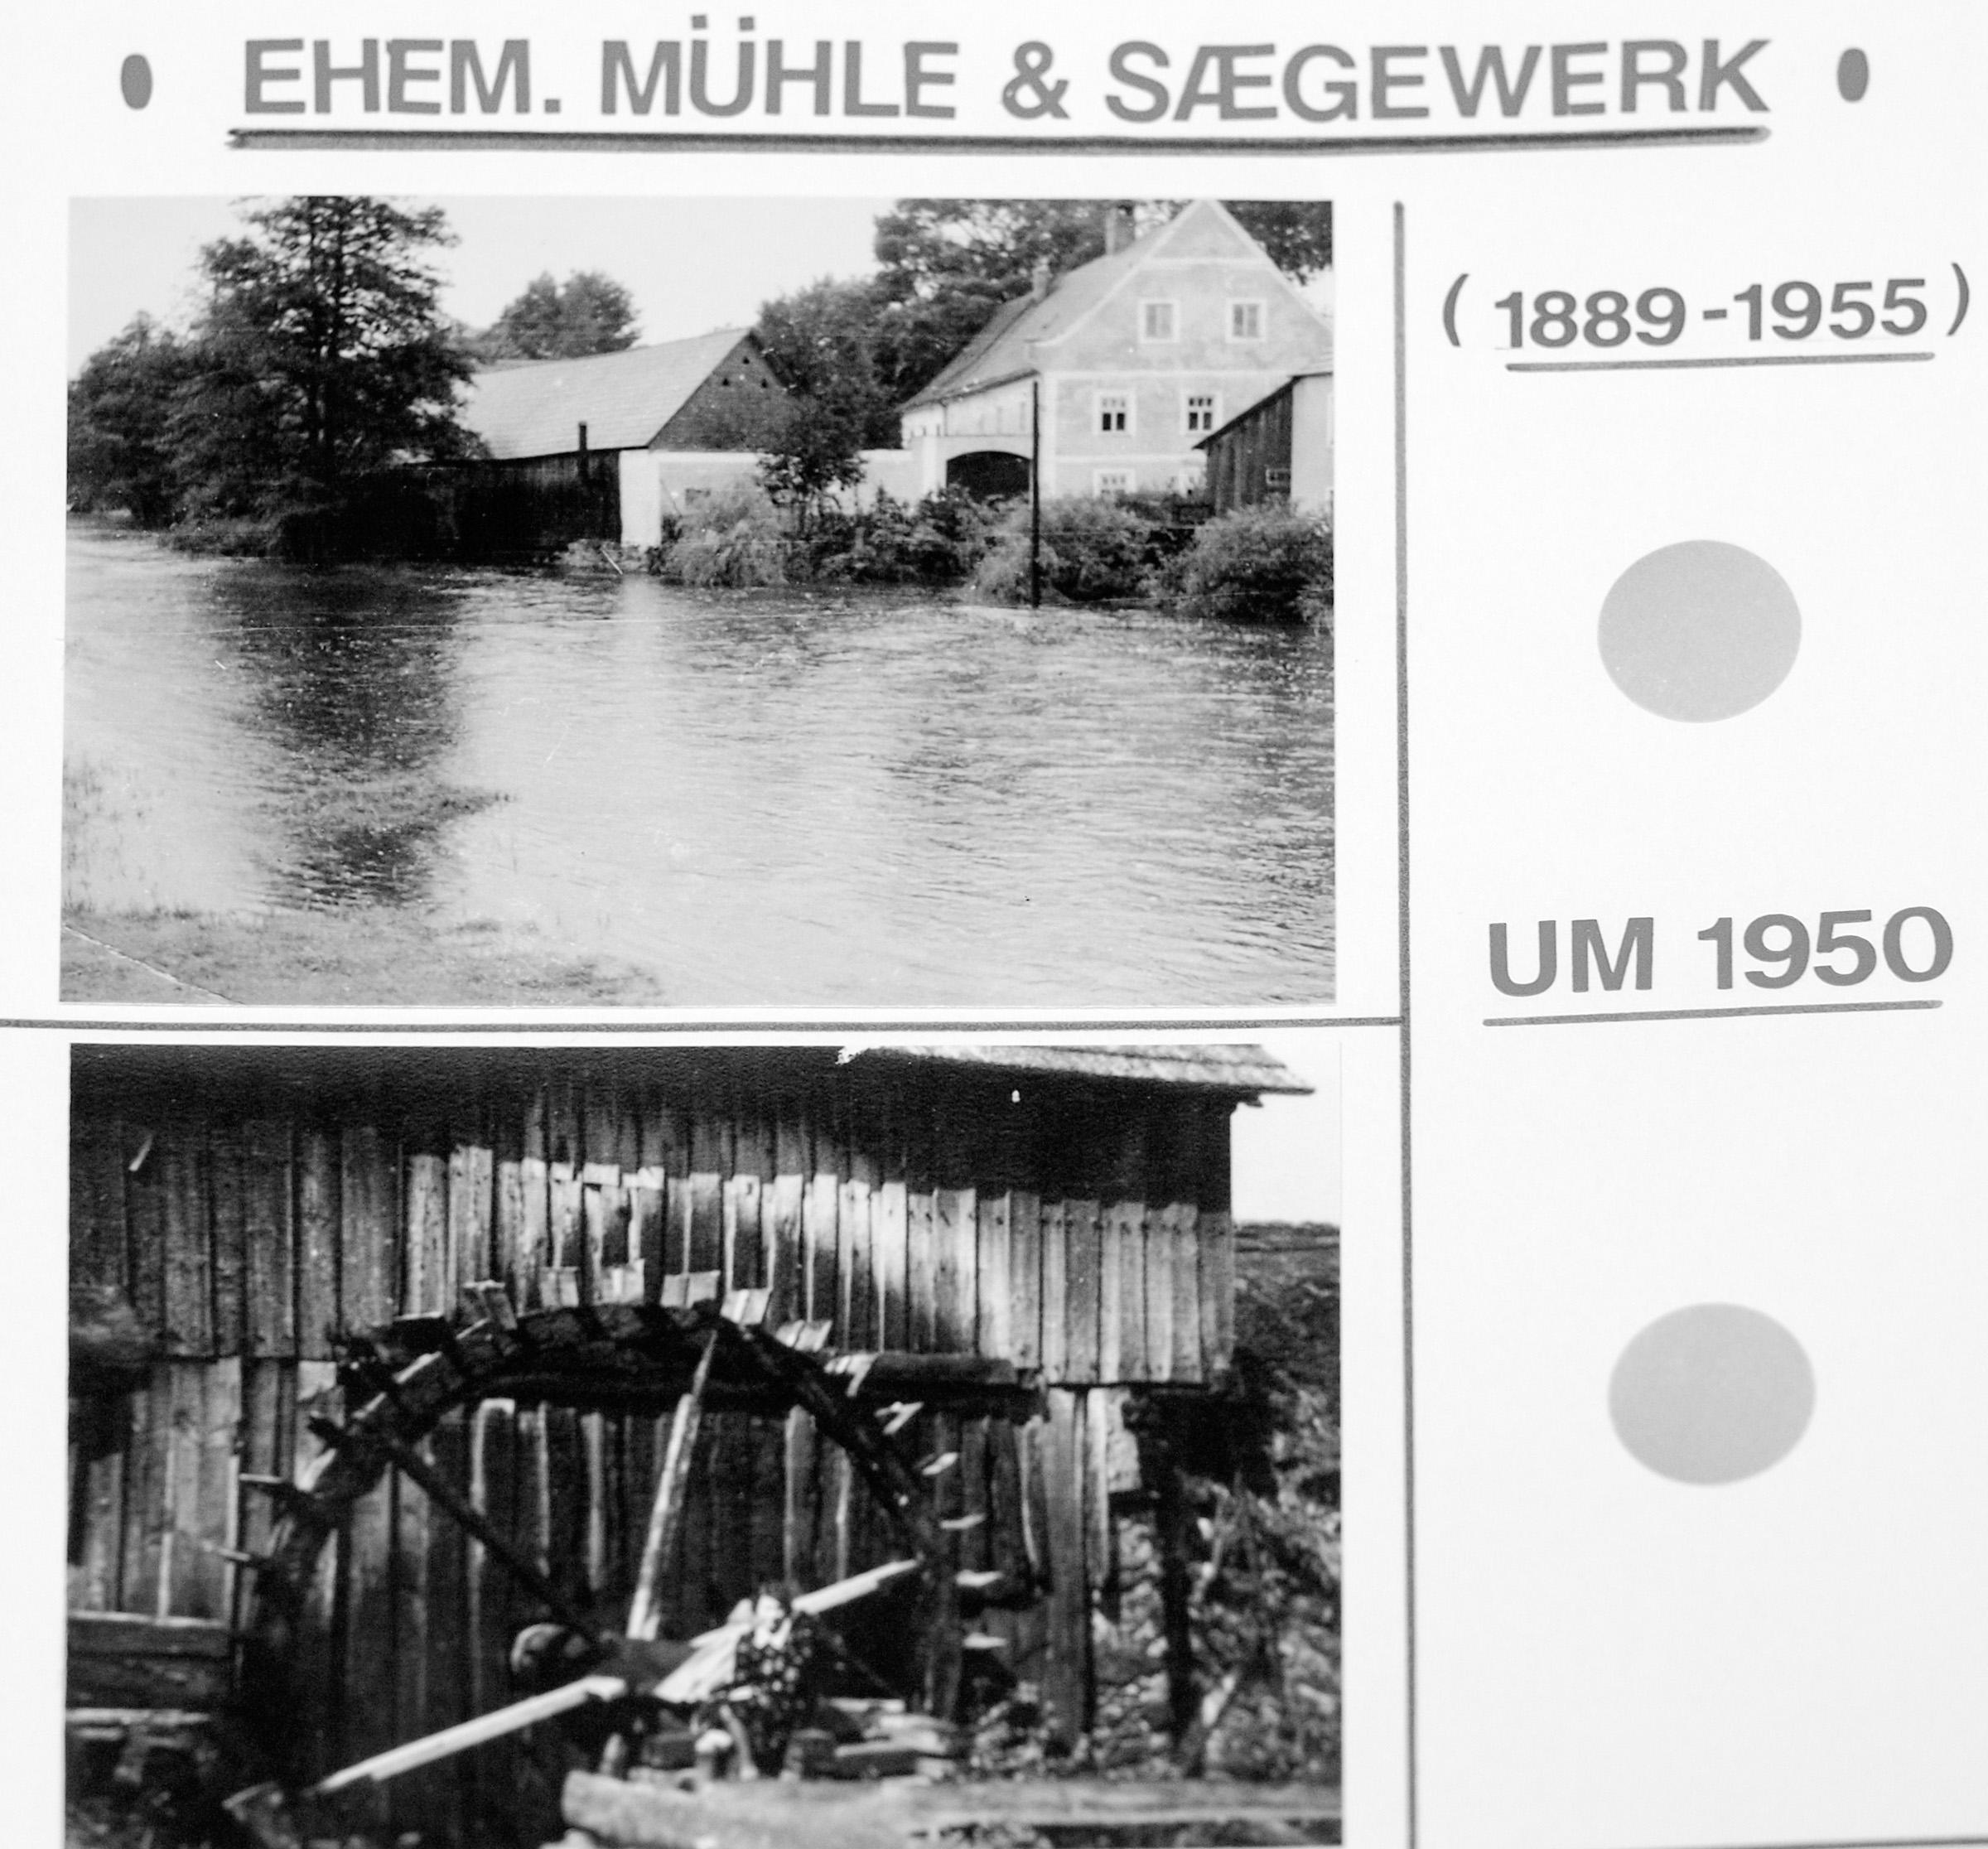 Sägewerk Mühle 1955 Schrems.jpg